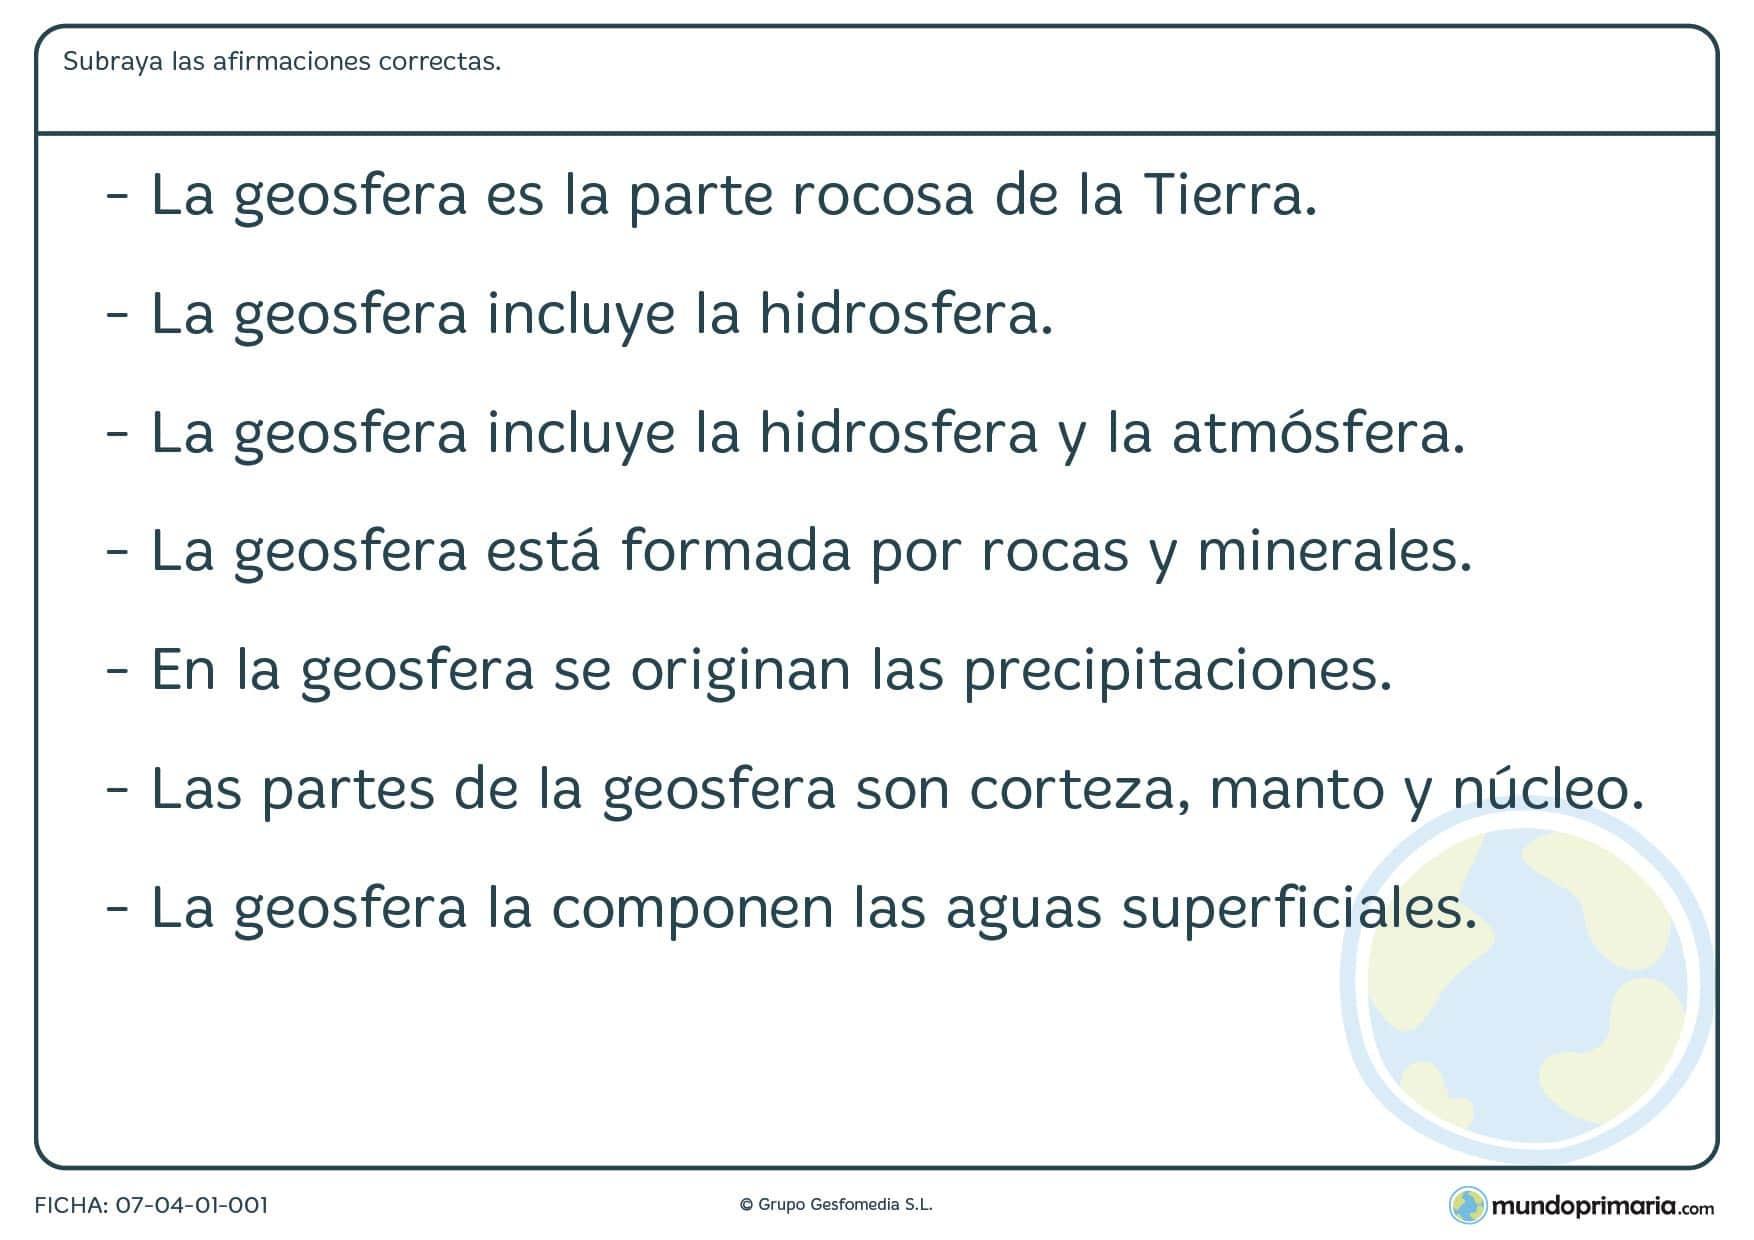 Ficha de la geoesfera para subrayar las frases correctas referentes a ella, sus partes y su composición.